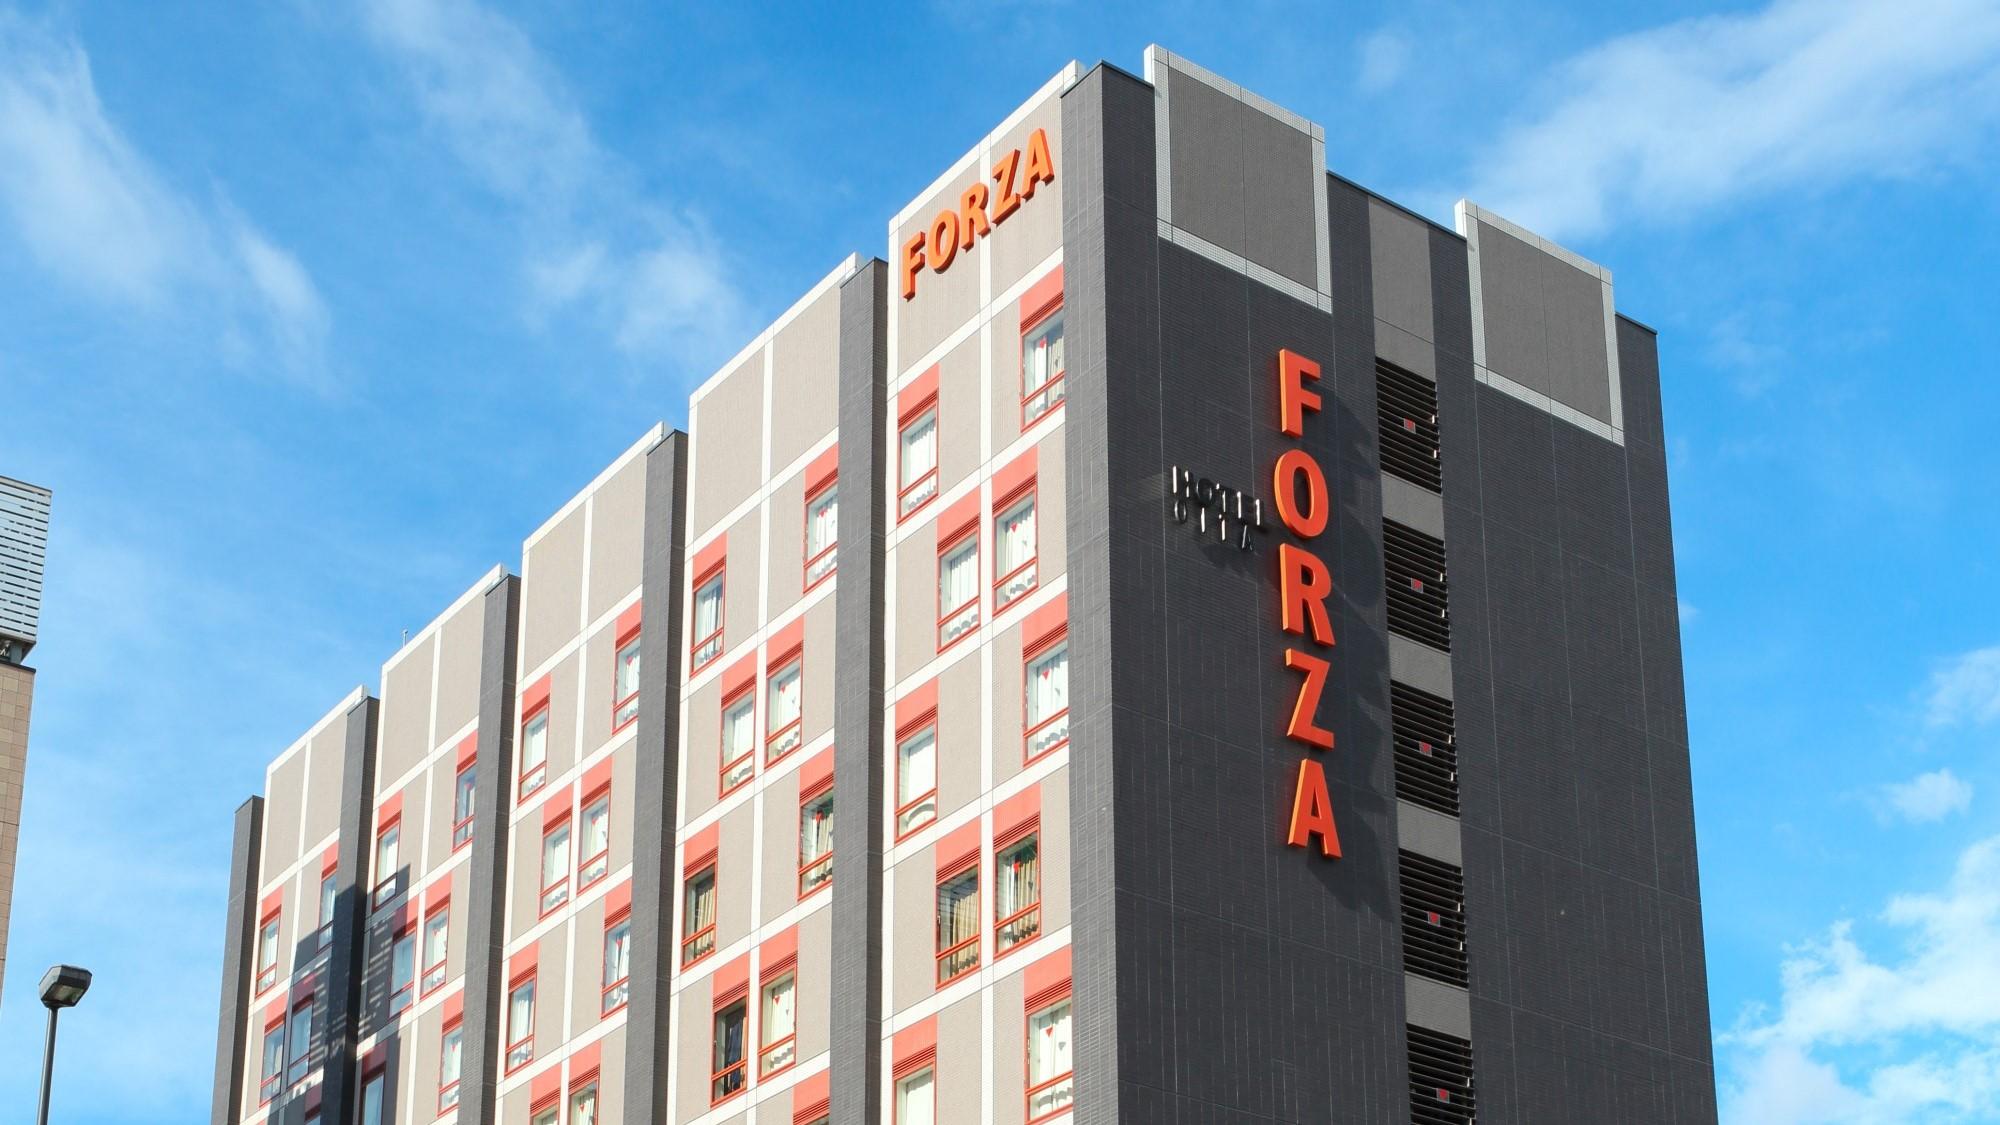 FORZA ホテルフォルツァ大分(リッチモンドホテルズ提携ホテル)